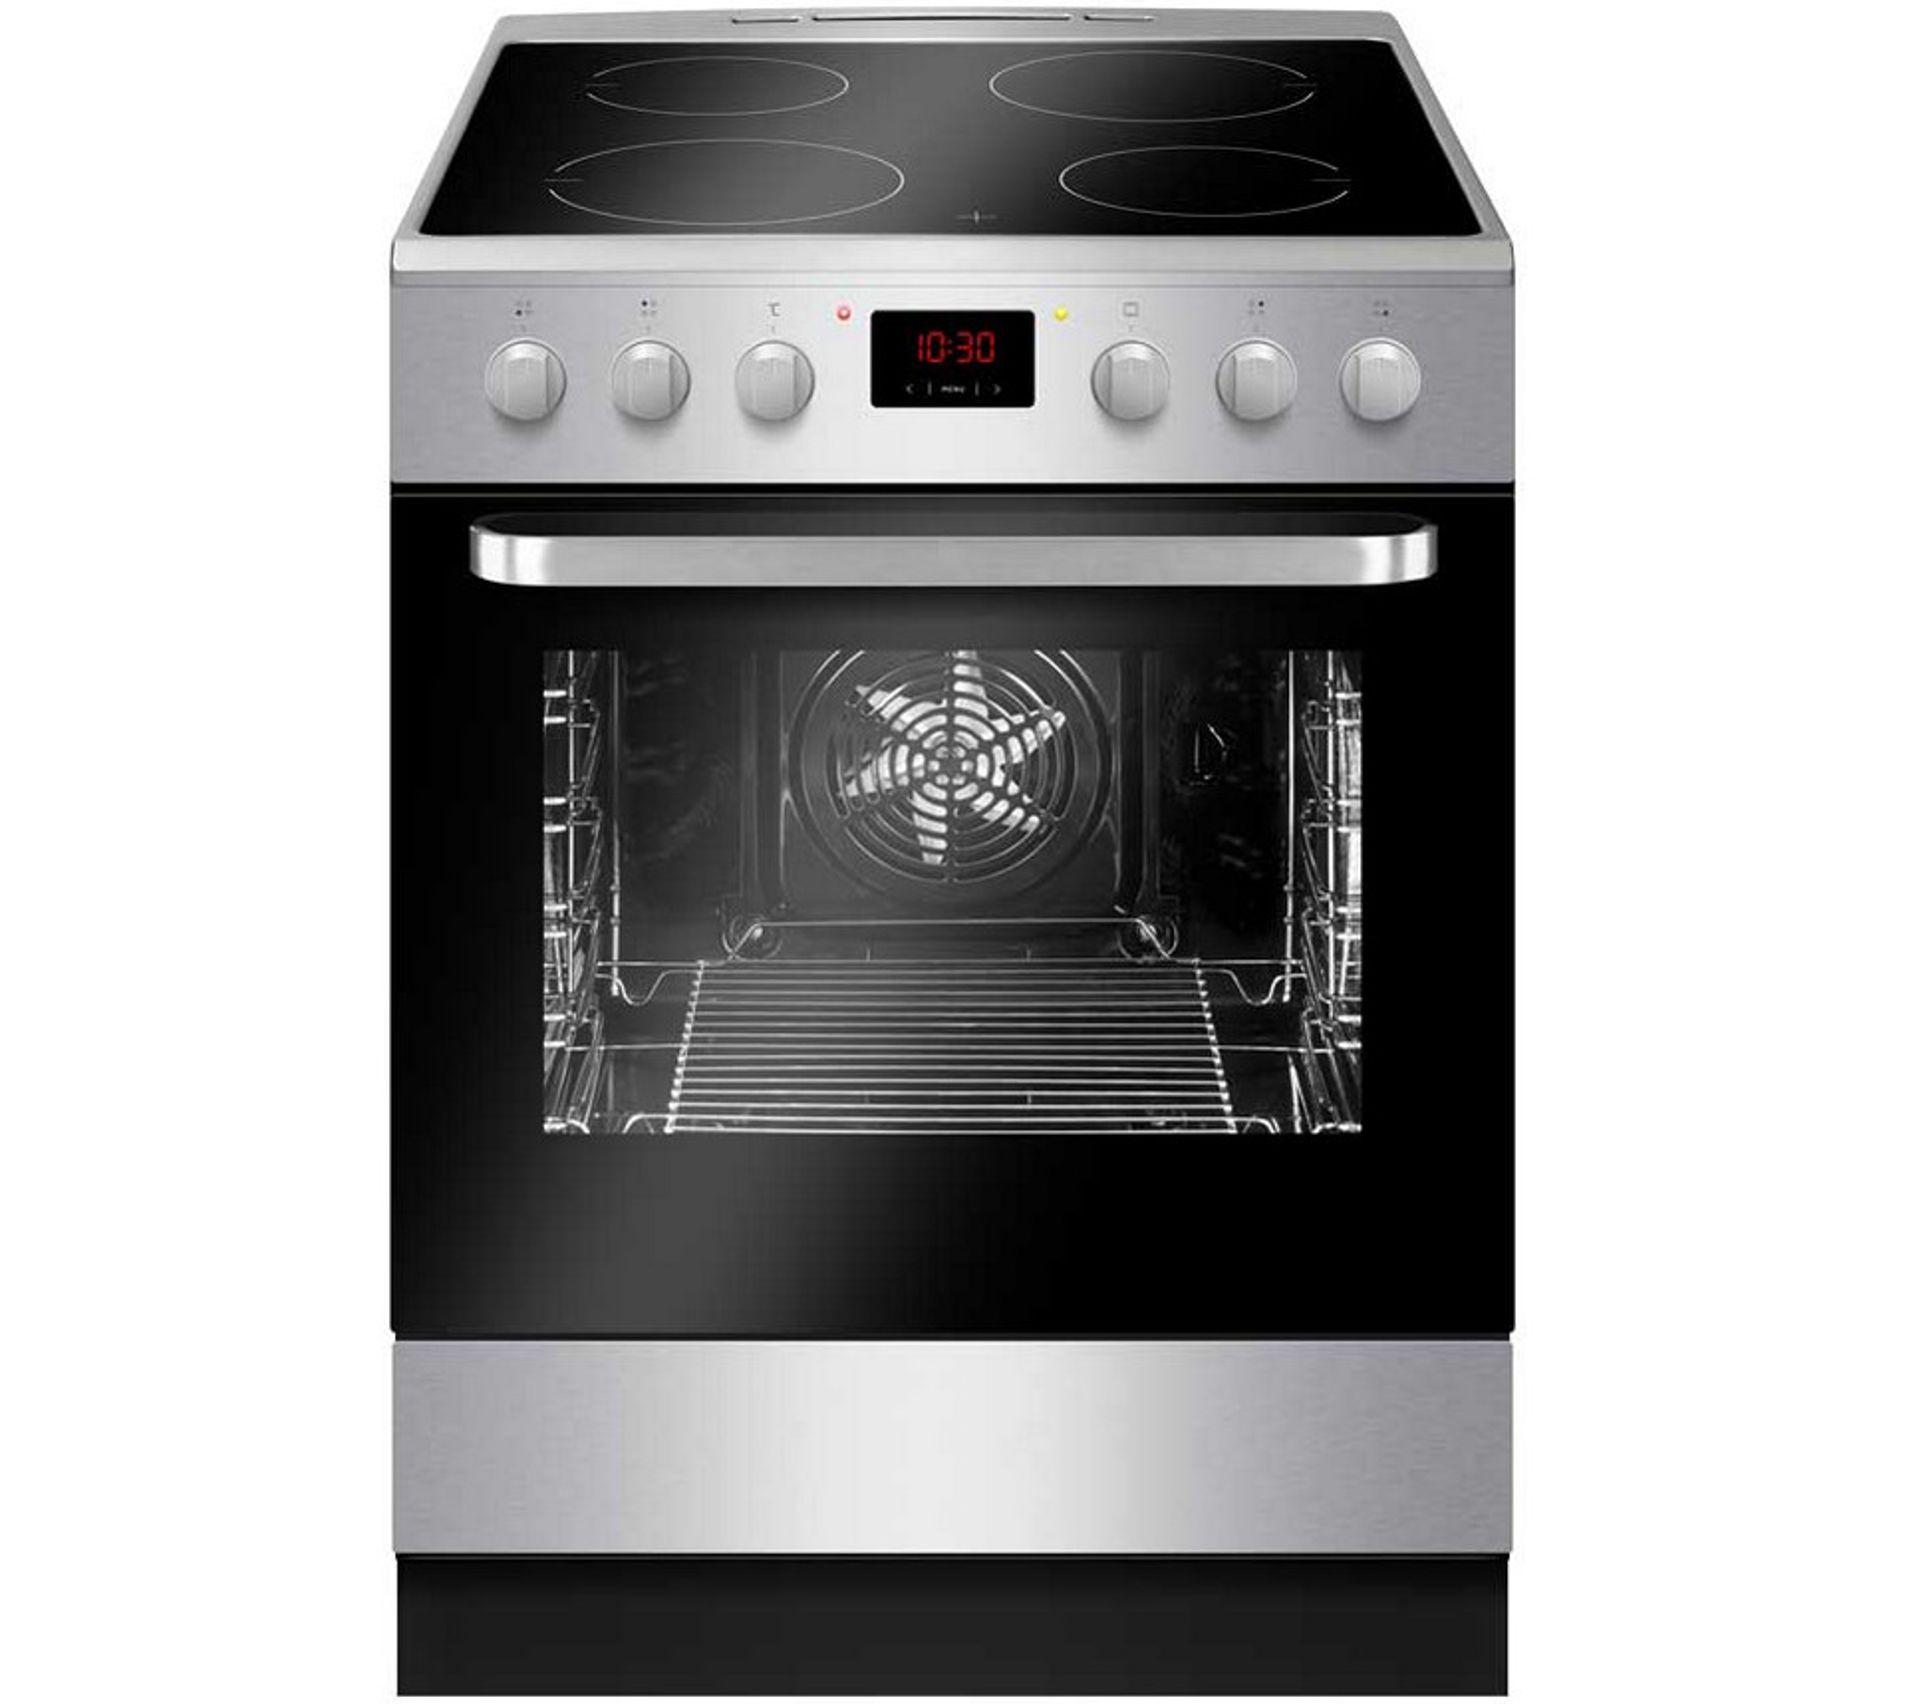 Produit Pour Nettoyer Vitroceramique cuisinière vitrocéramique 4 foyers nettoyage catalyse inox acv 3504 x